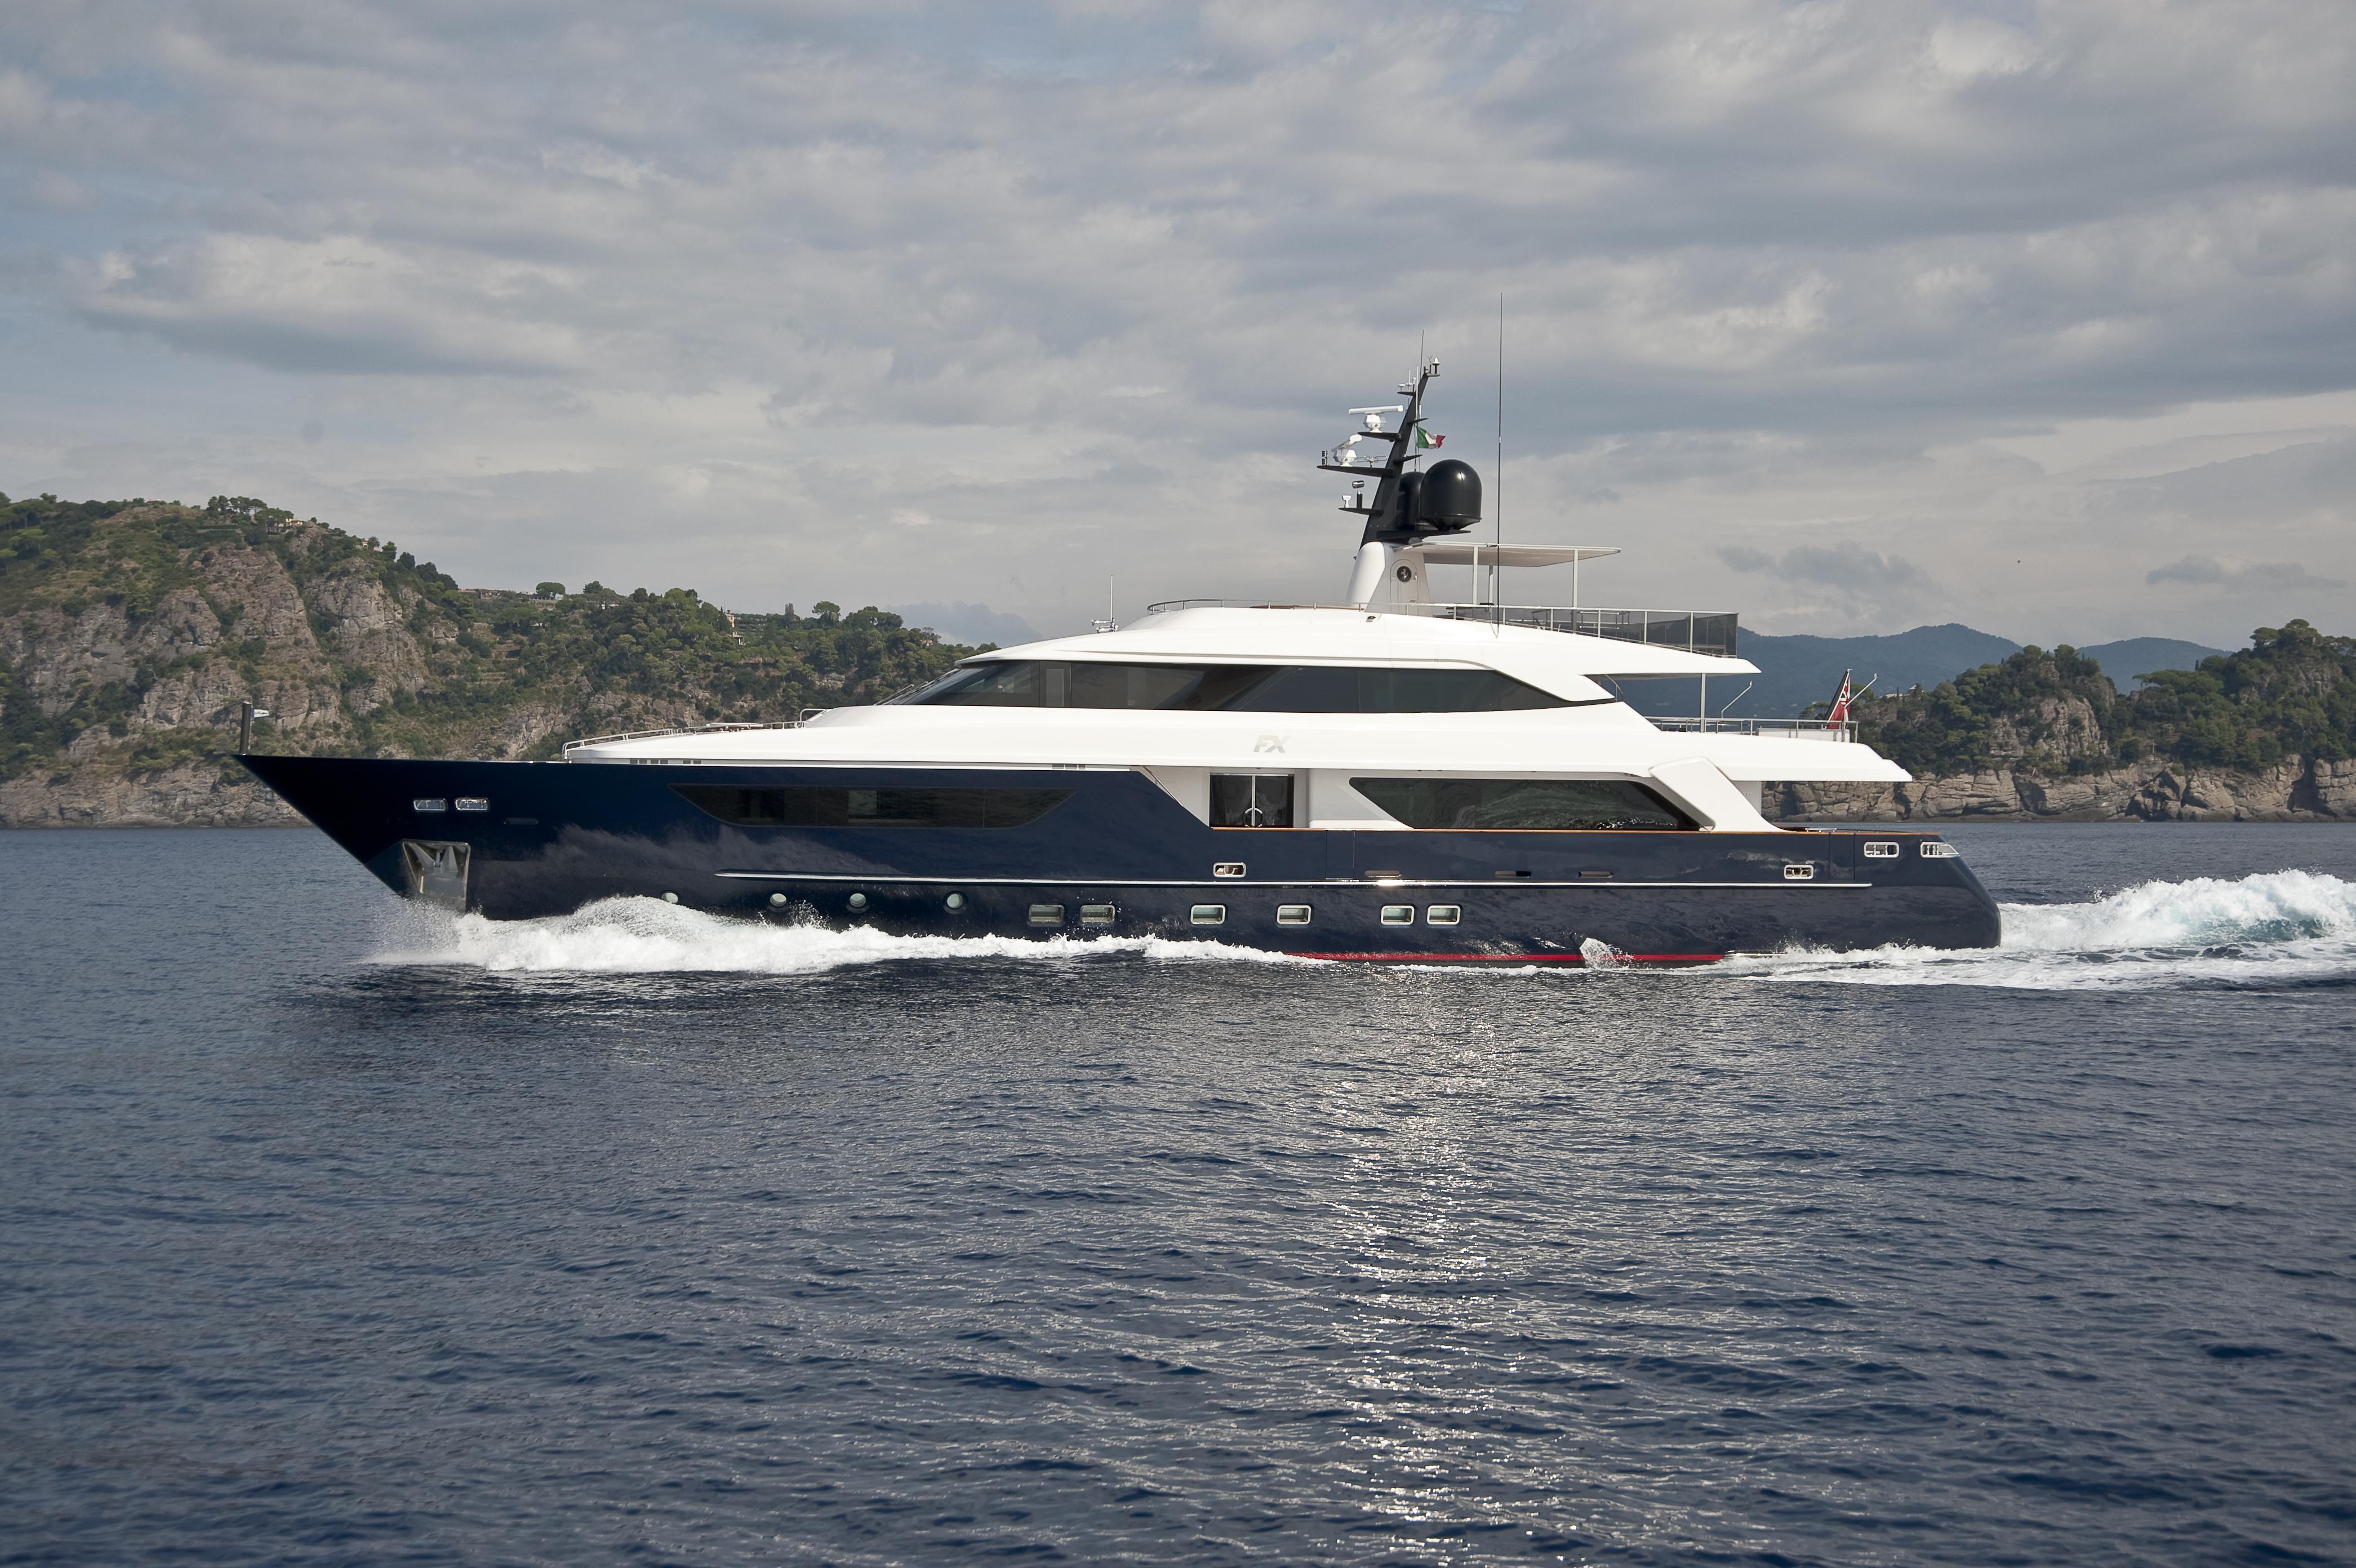 large yacht moving